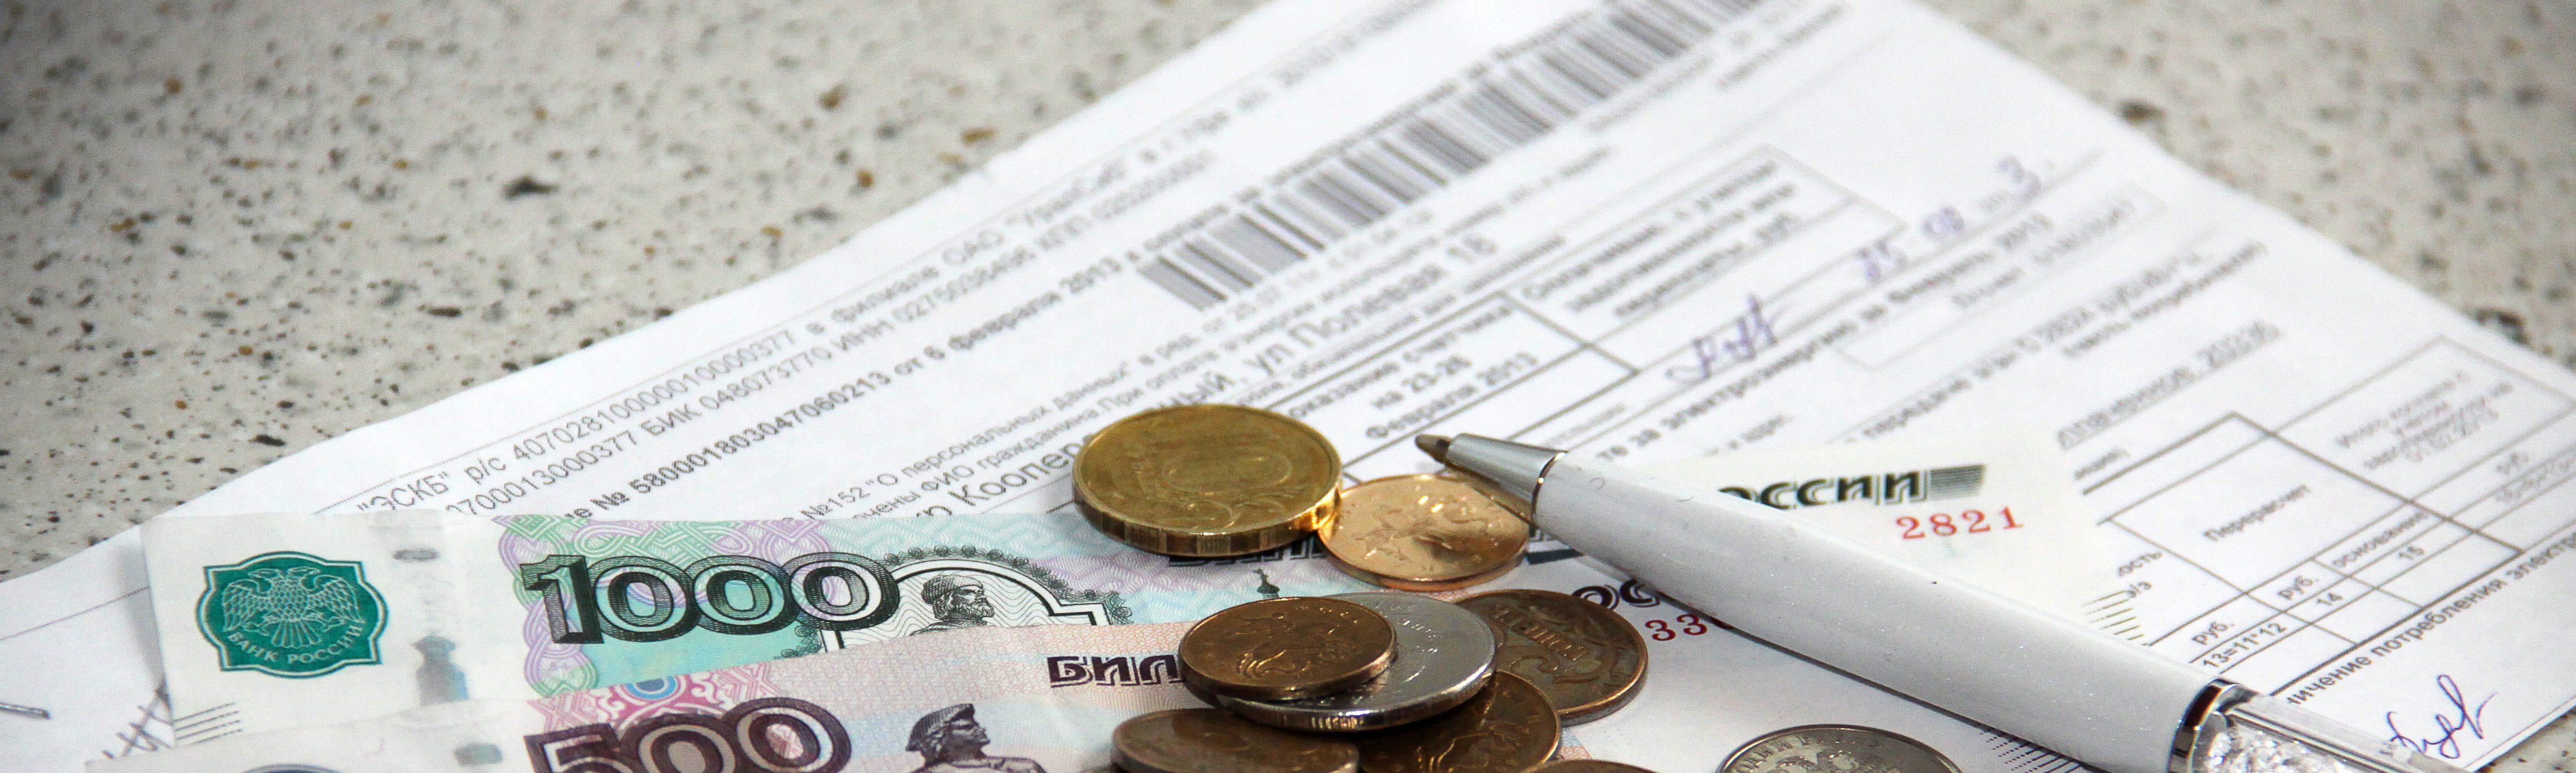 Собираешься в отпуск – оплати услуги ЖКХ авансом